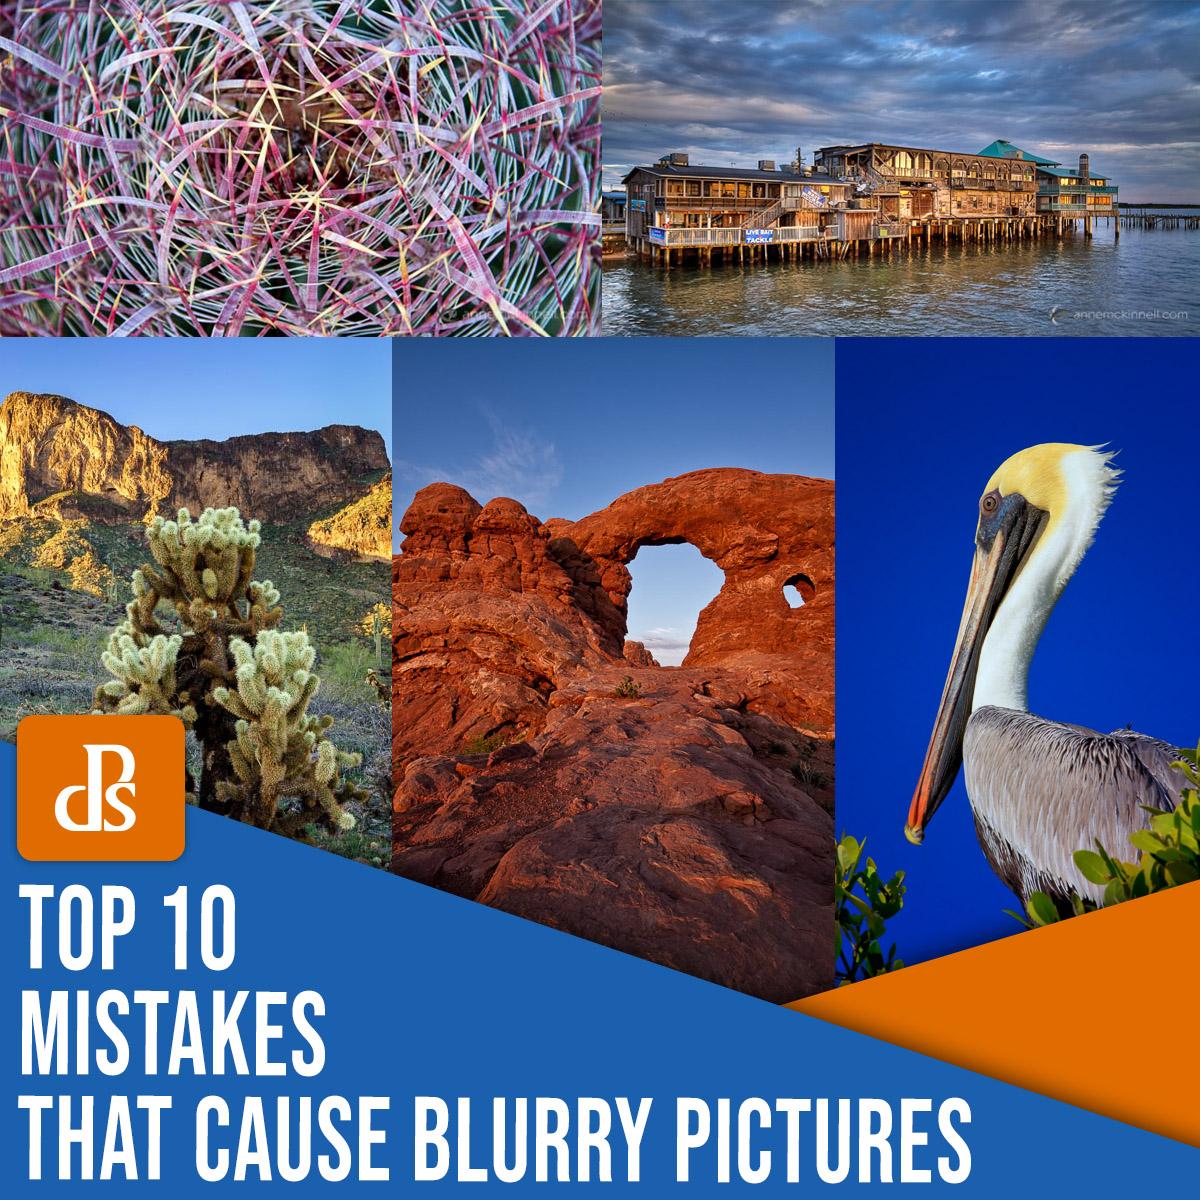 Os 10 principais erros que causam imagens borradas